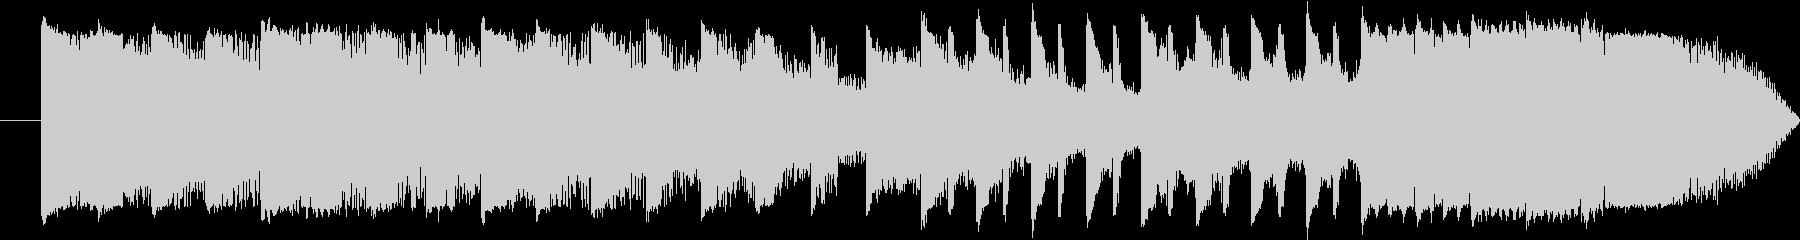 15秒 CM EDM スポット ライザーの未再生の波形